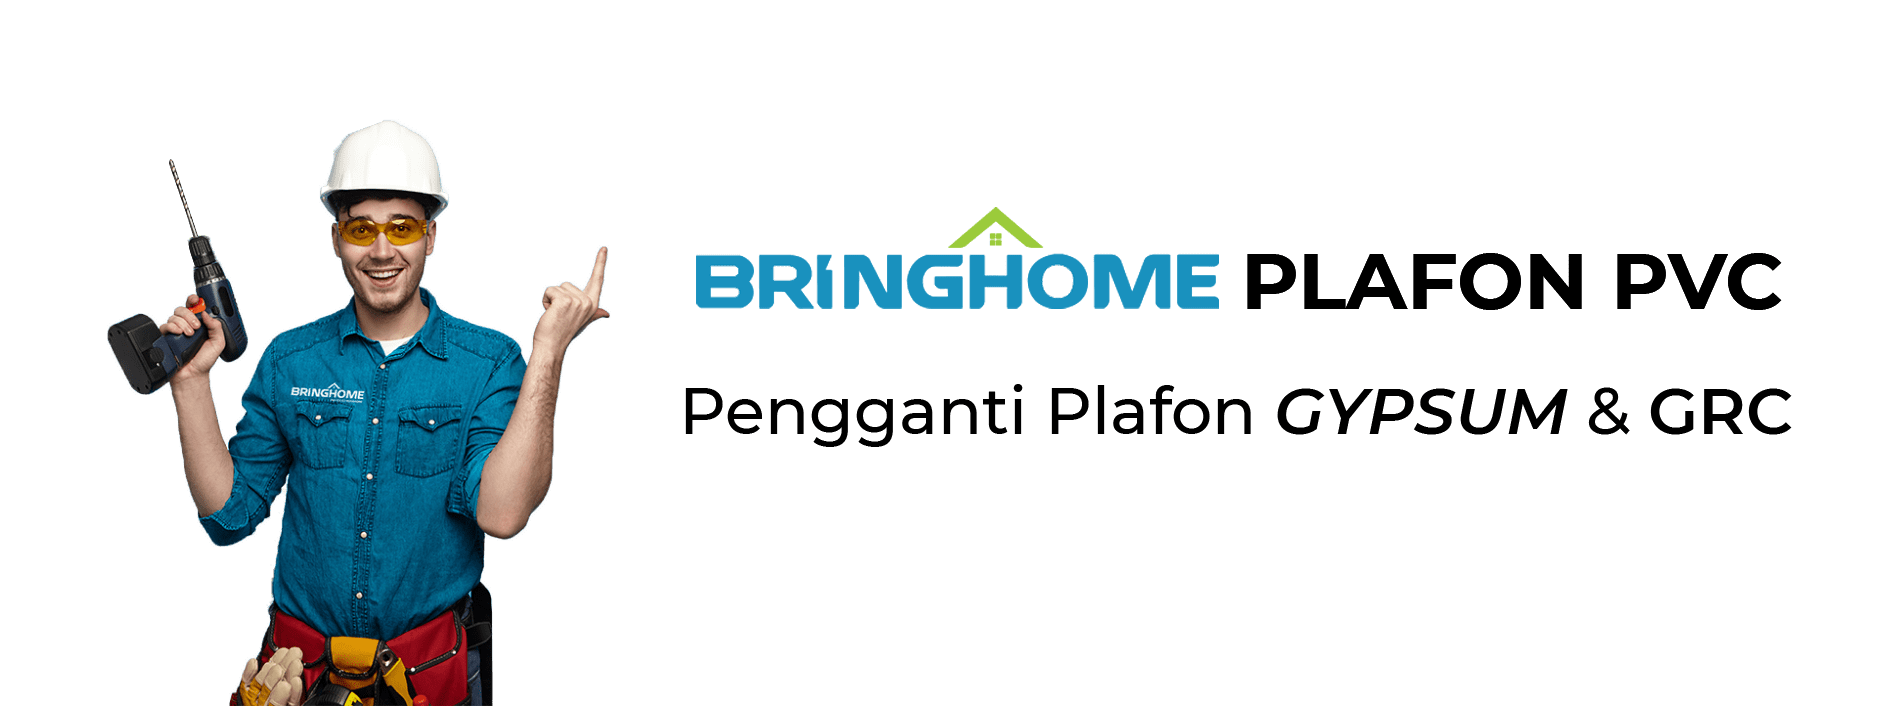 Bringhome Plafon PVC Pengganti Plafon Gypsum & GRC